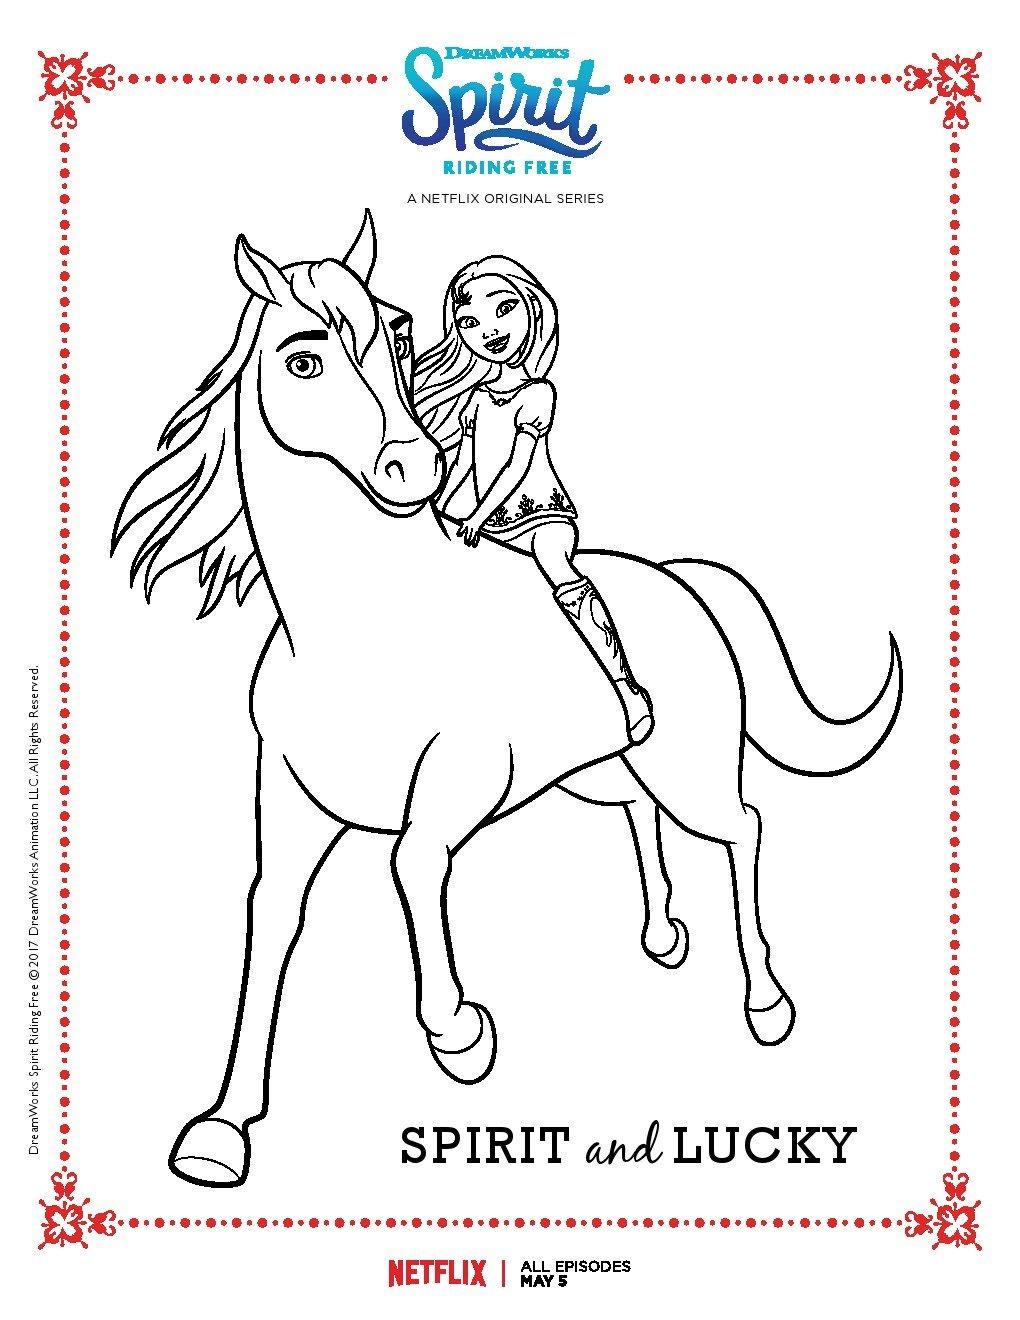 Disegni da colorare spirit free riding sogni d 39 oro for Disegni di girasoli da colorare